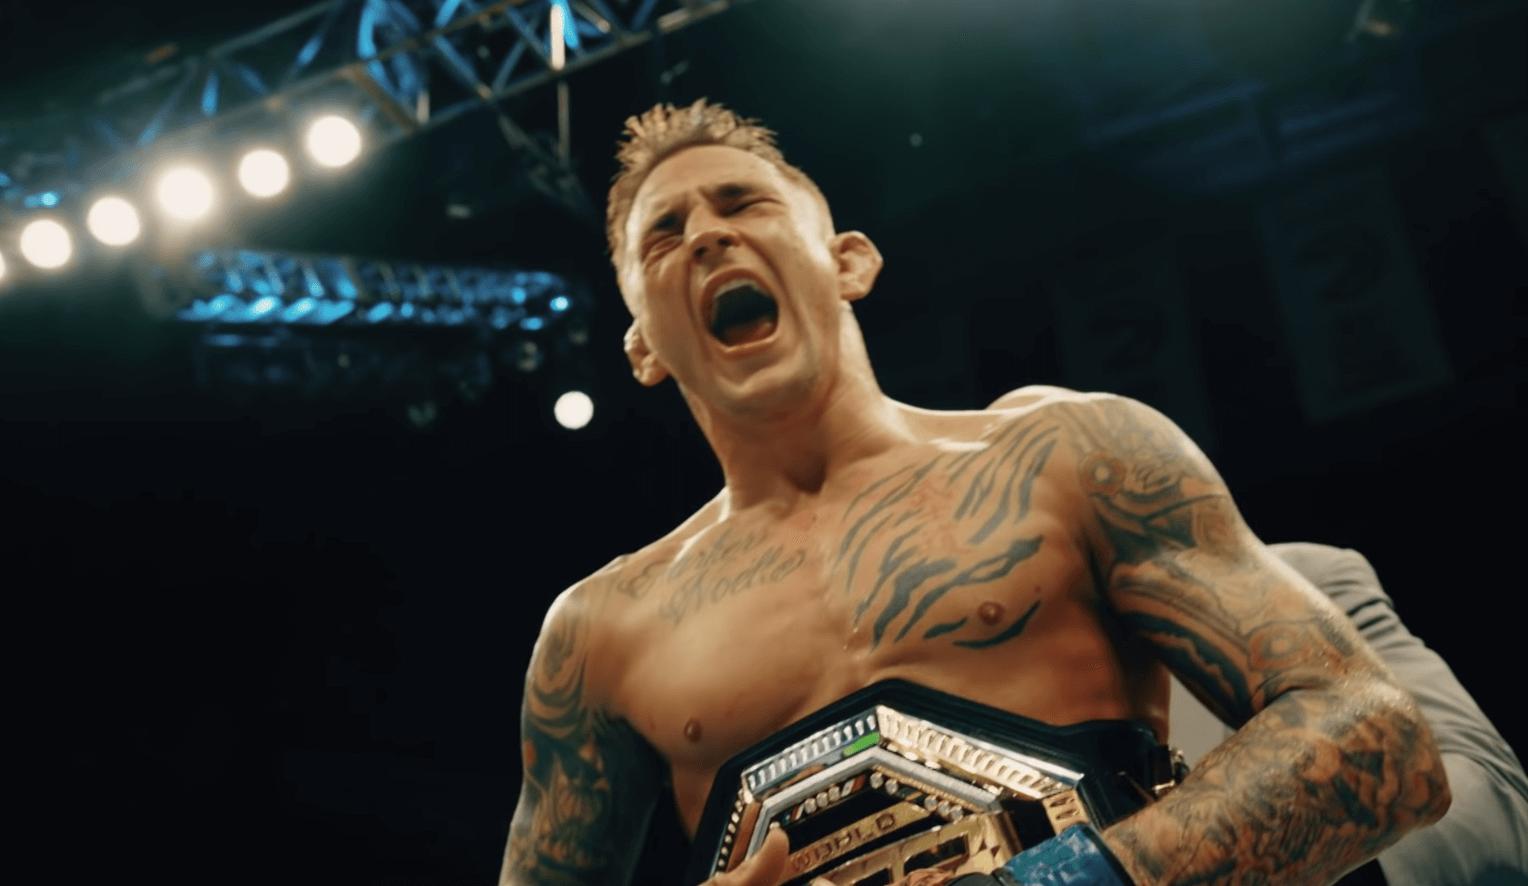 Dustin Poirier UFC celebration